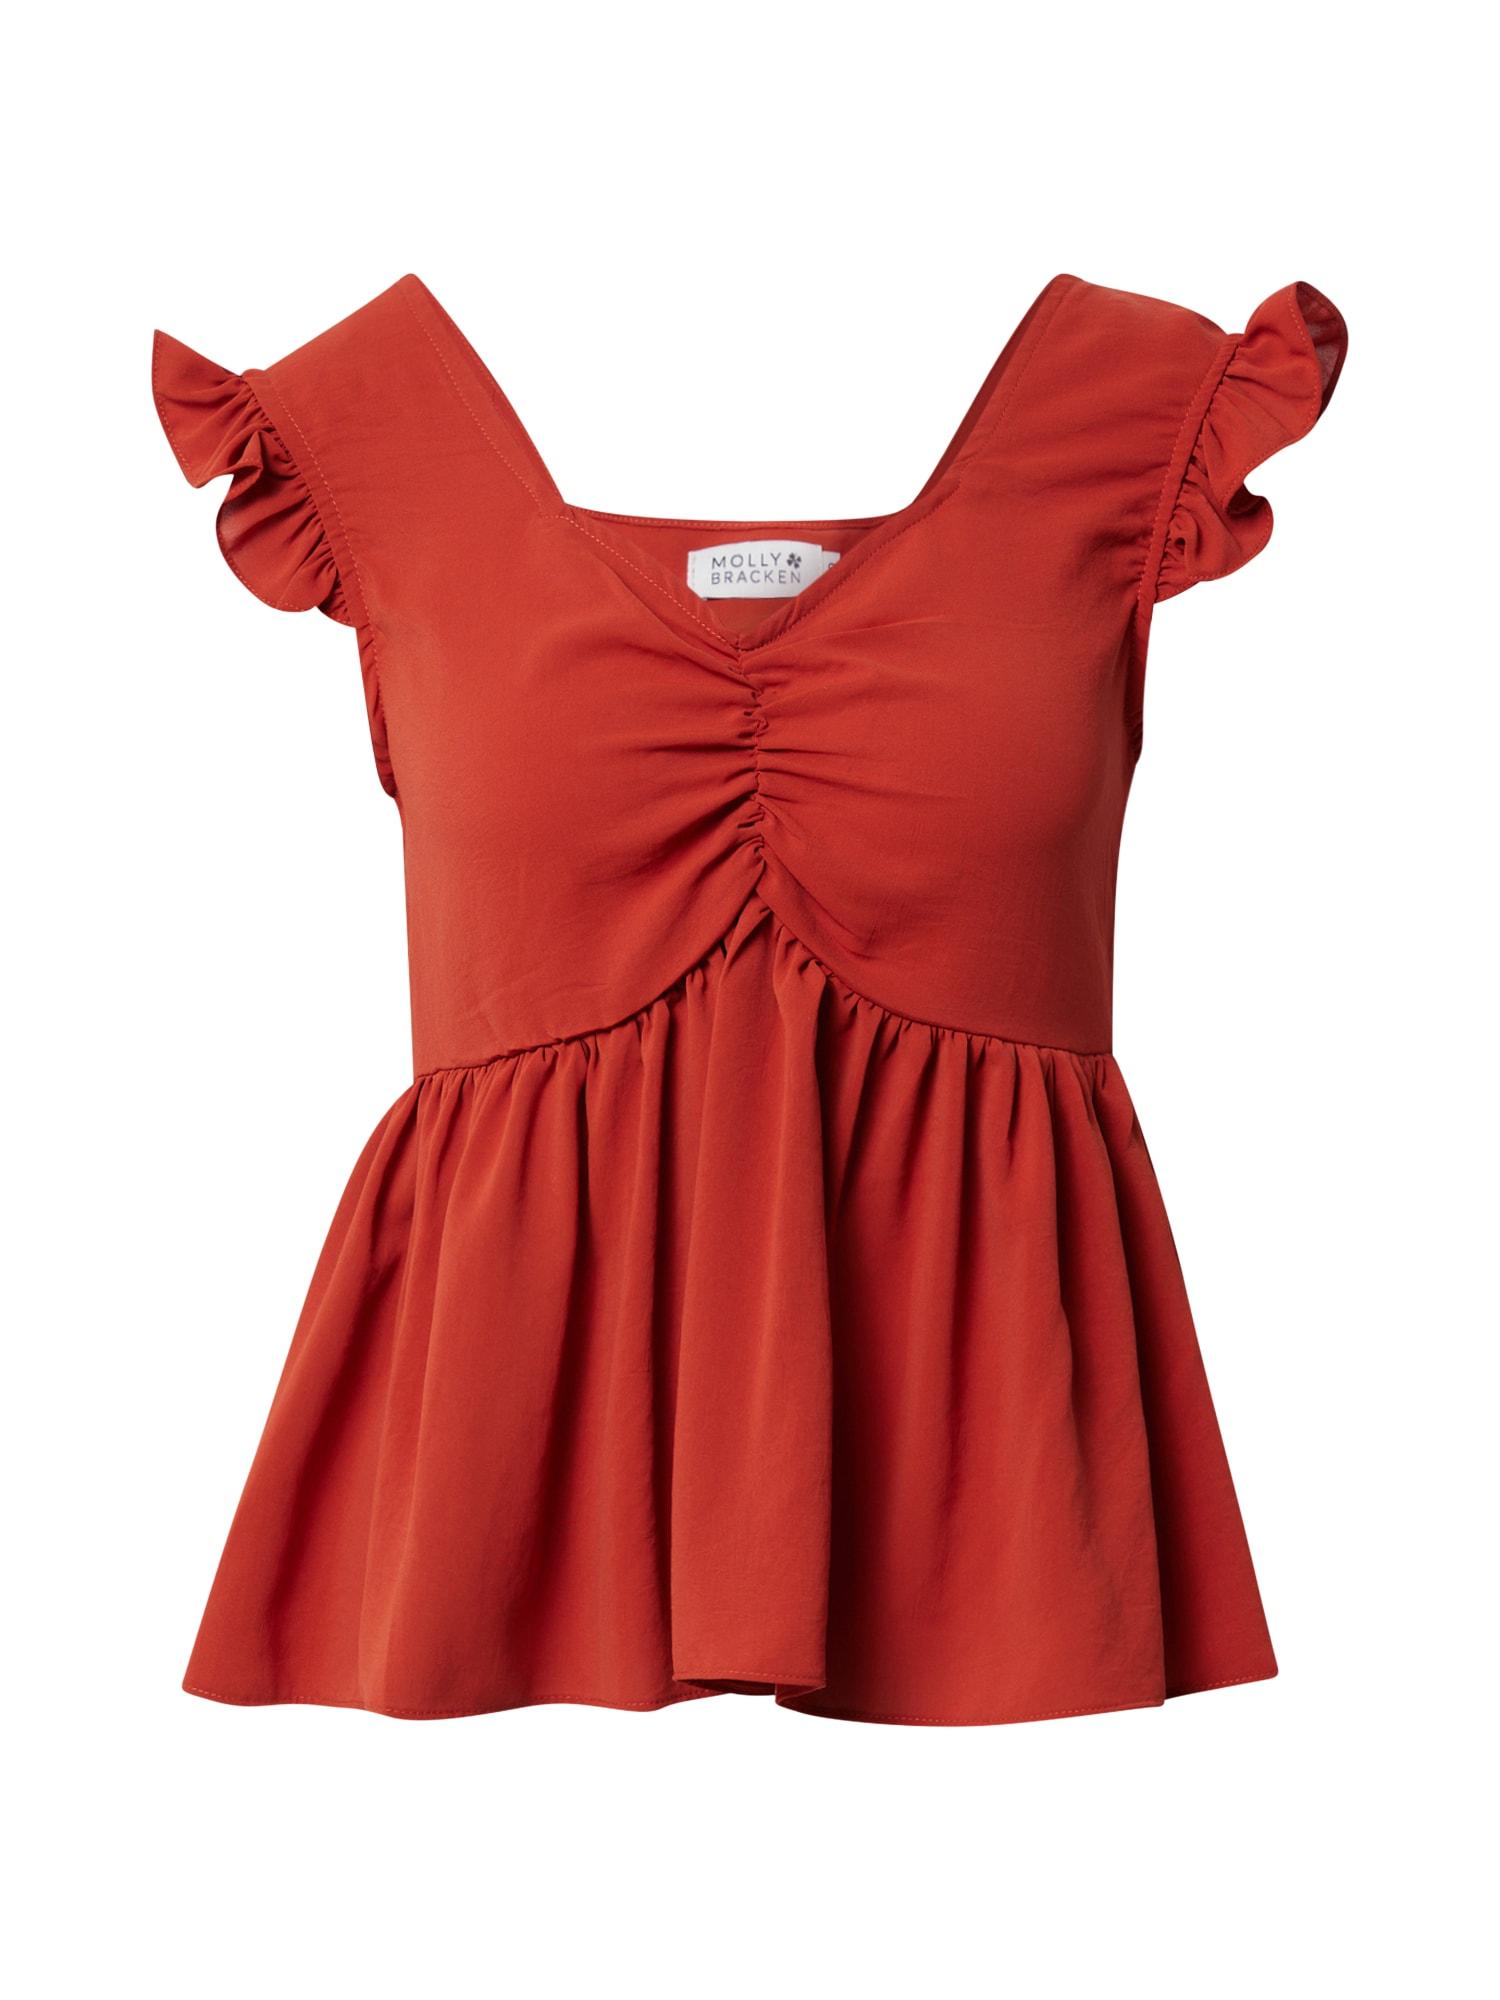 Molly BRACKEN Marškinėliai rūdžių raudona